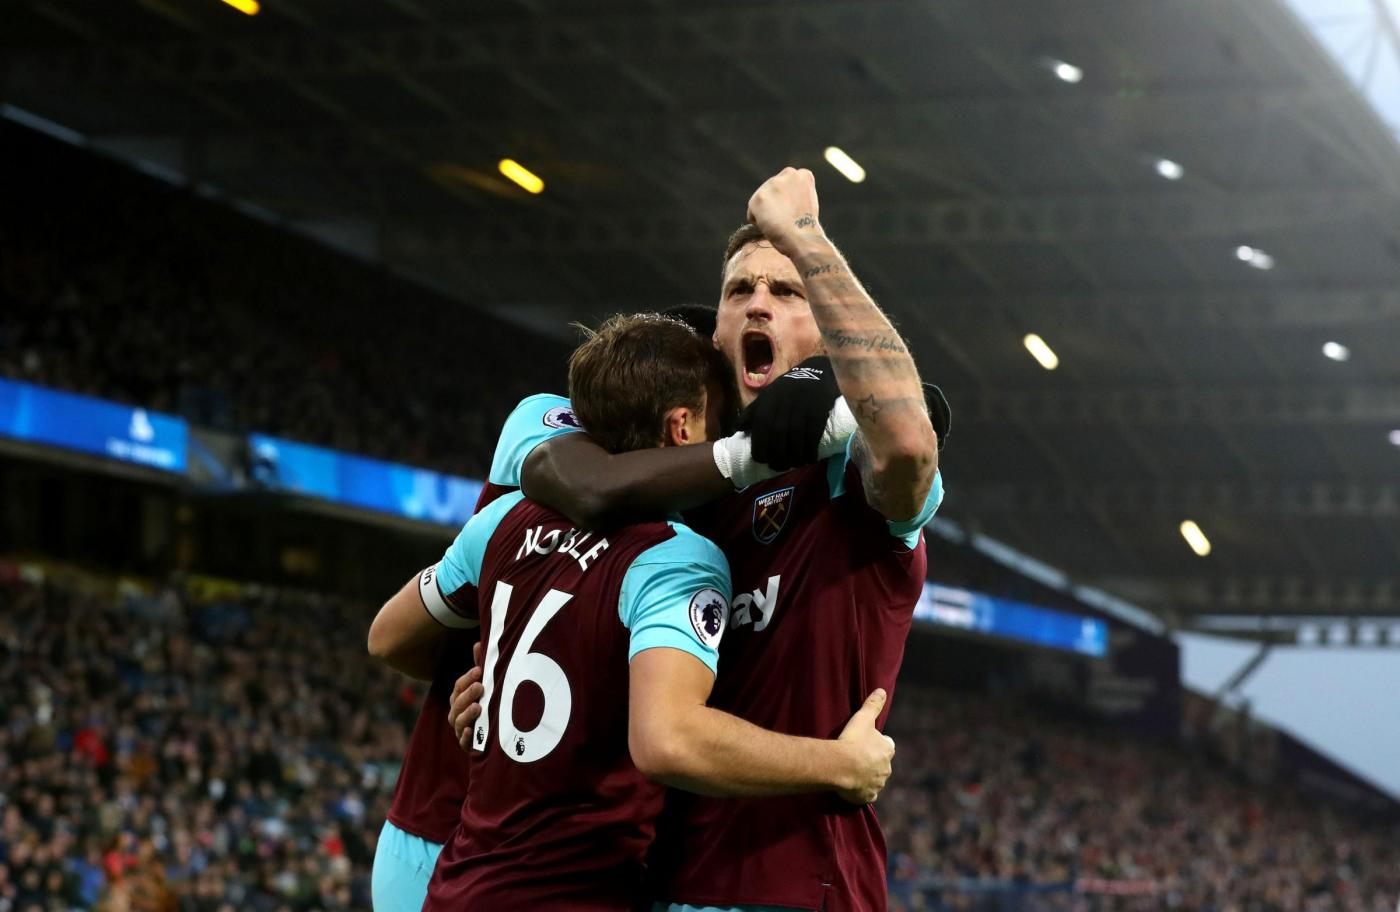 West Ham-Macclesfield 26 settembre: match dei 16 esimi di finale della Coppa di Lega inglese. I padroni di casa non possono fallire.